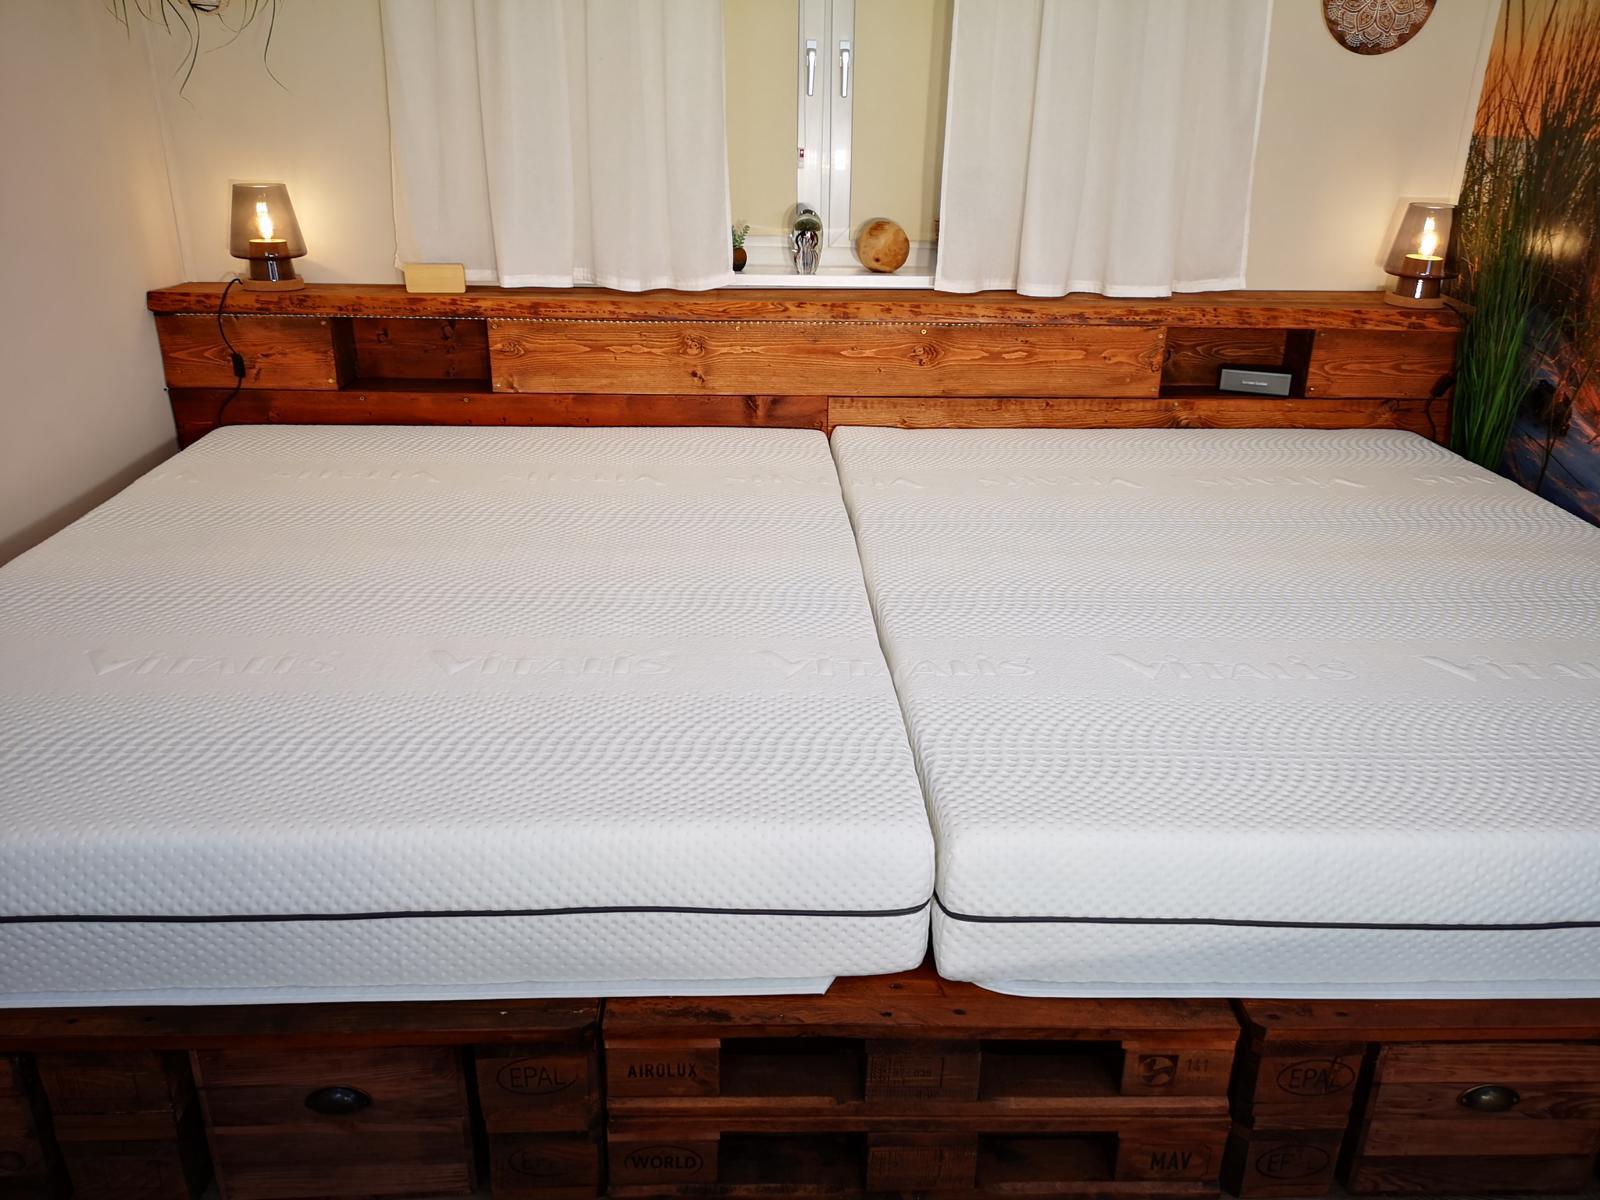 ᐅ Palettenbett selber bauen & kaufen | Europaletten Bett